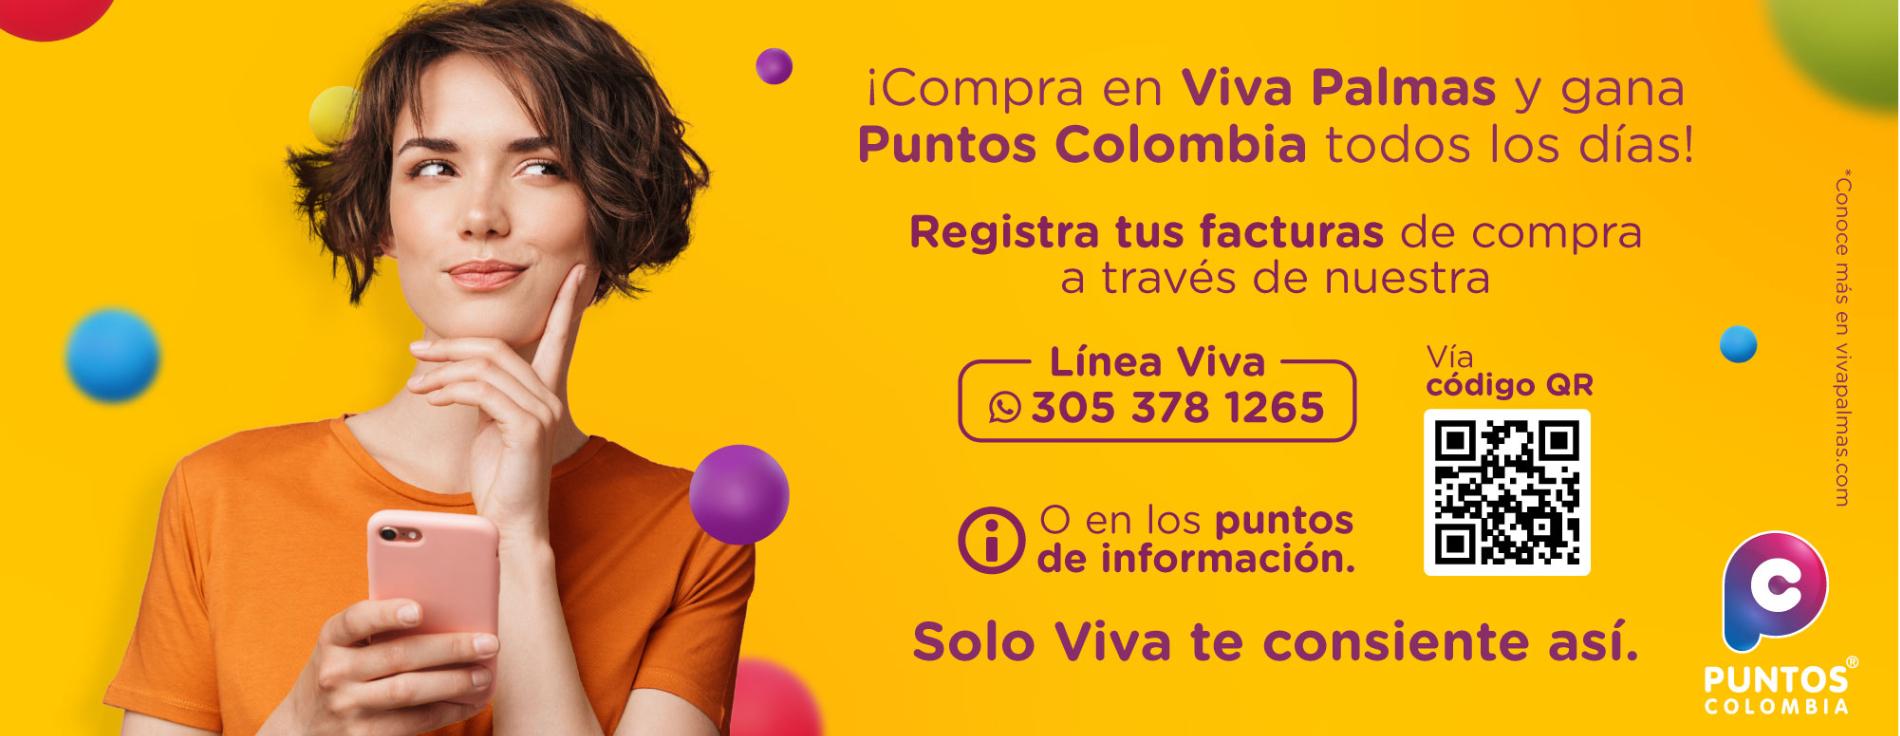 Puntos Colombia - Palmas